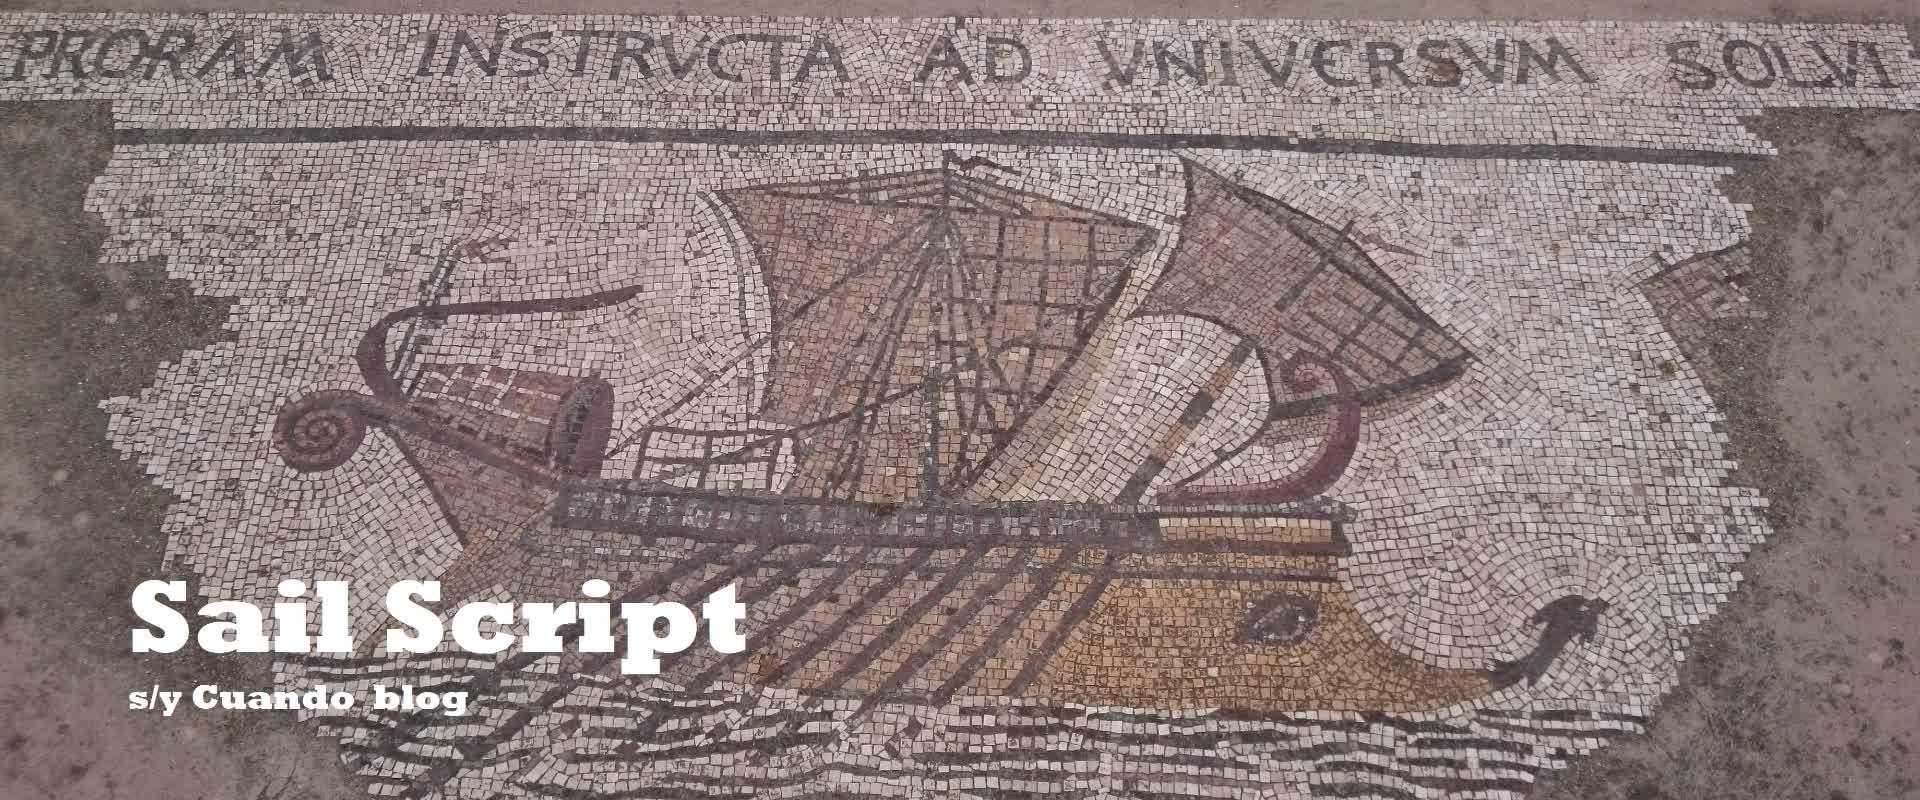 SailScript